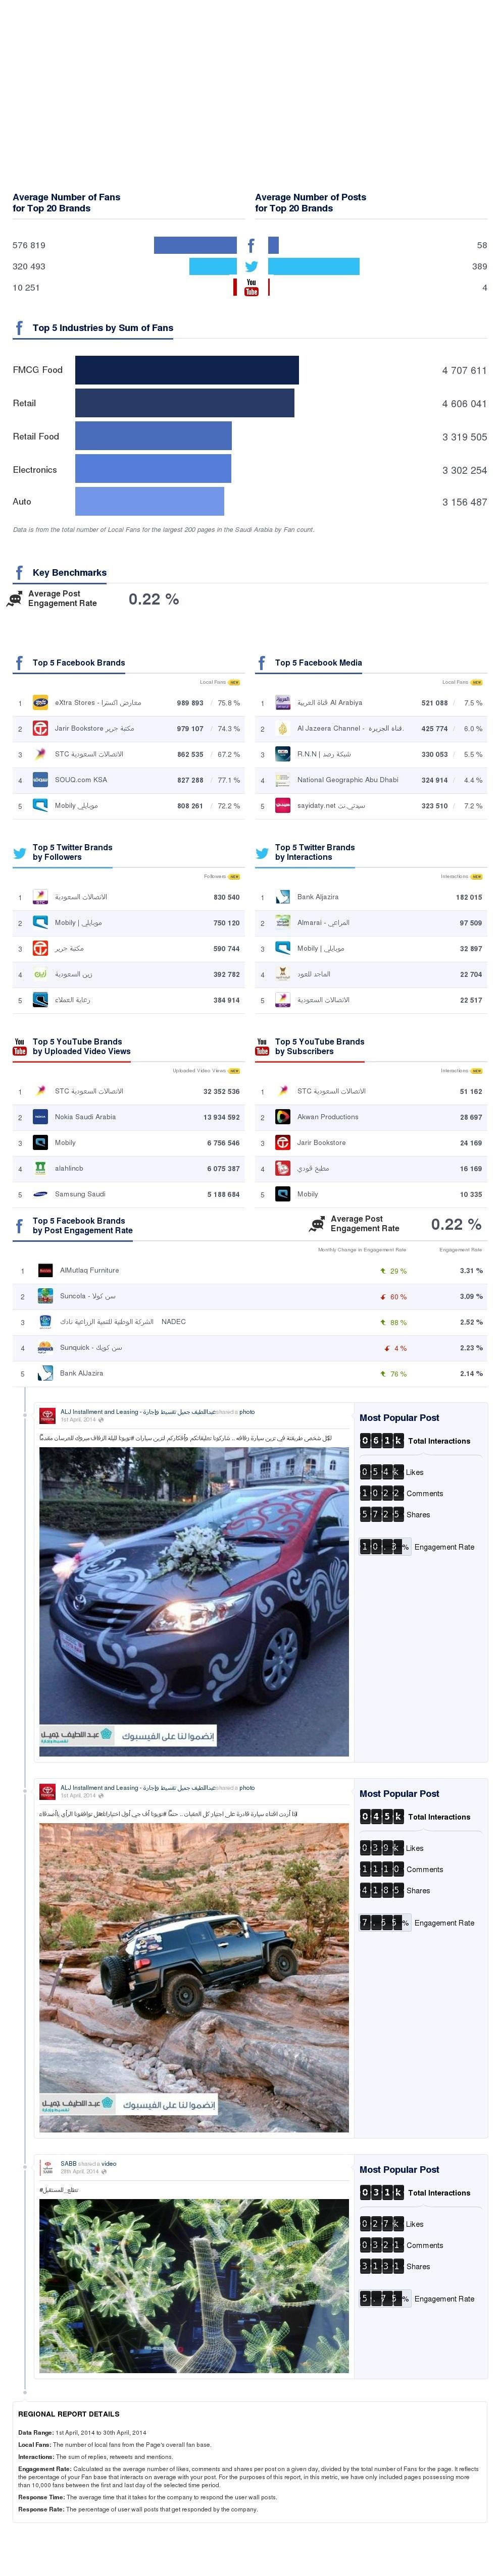 أداء الشركات السعودية على مواقع التواصل الاجتماعي لشهر أبريل 2014